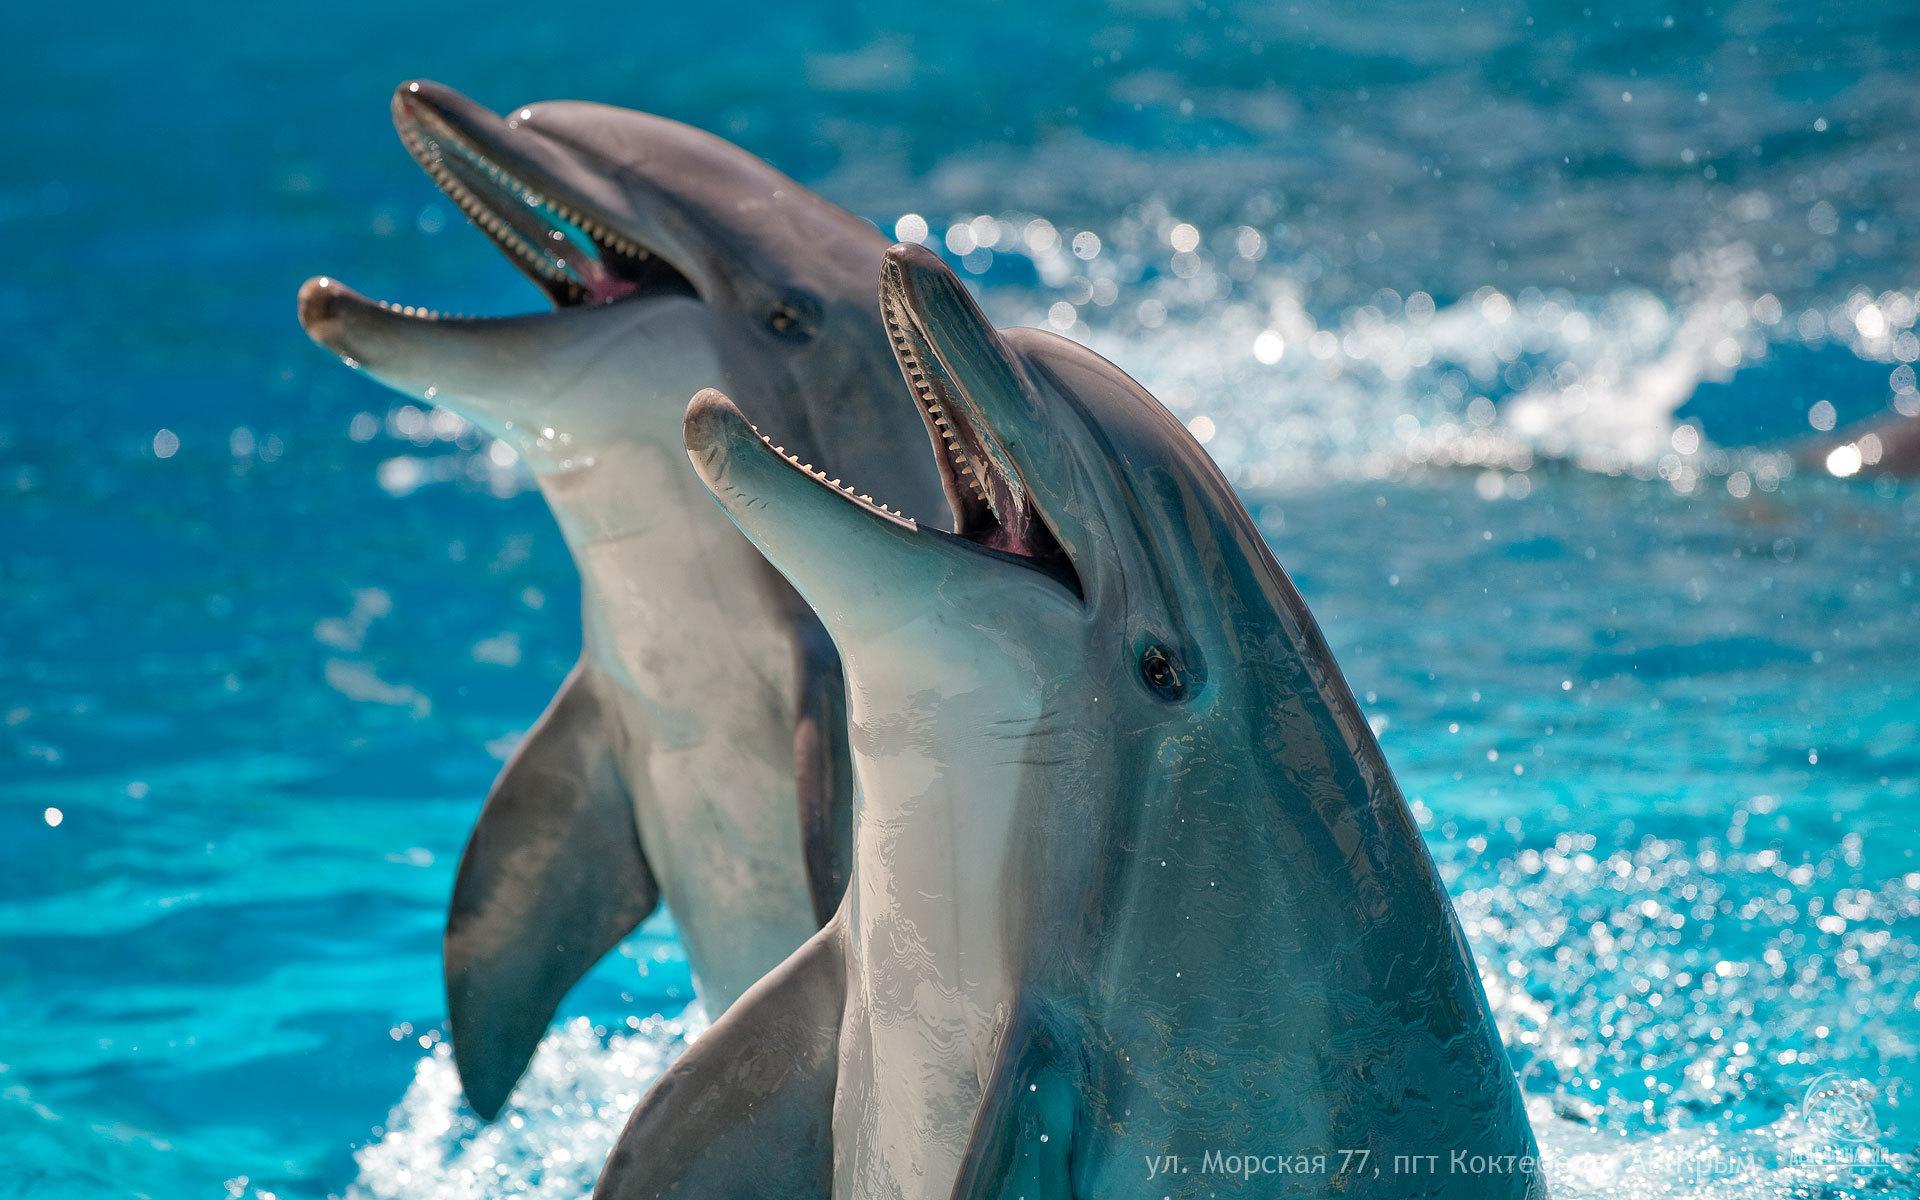 Дельфинарий в Коктебеле (4 фото)